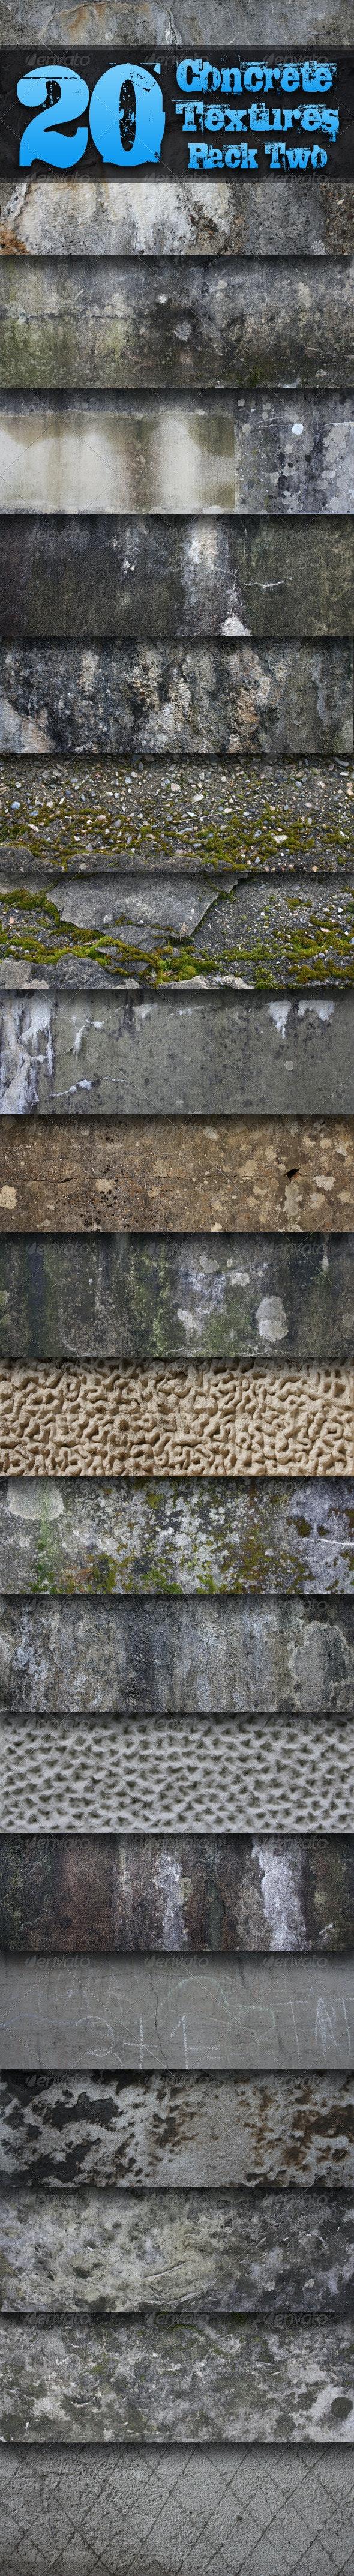 20 Concrete Textures - Pack Two  - Concrete Textures